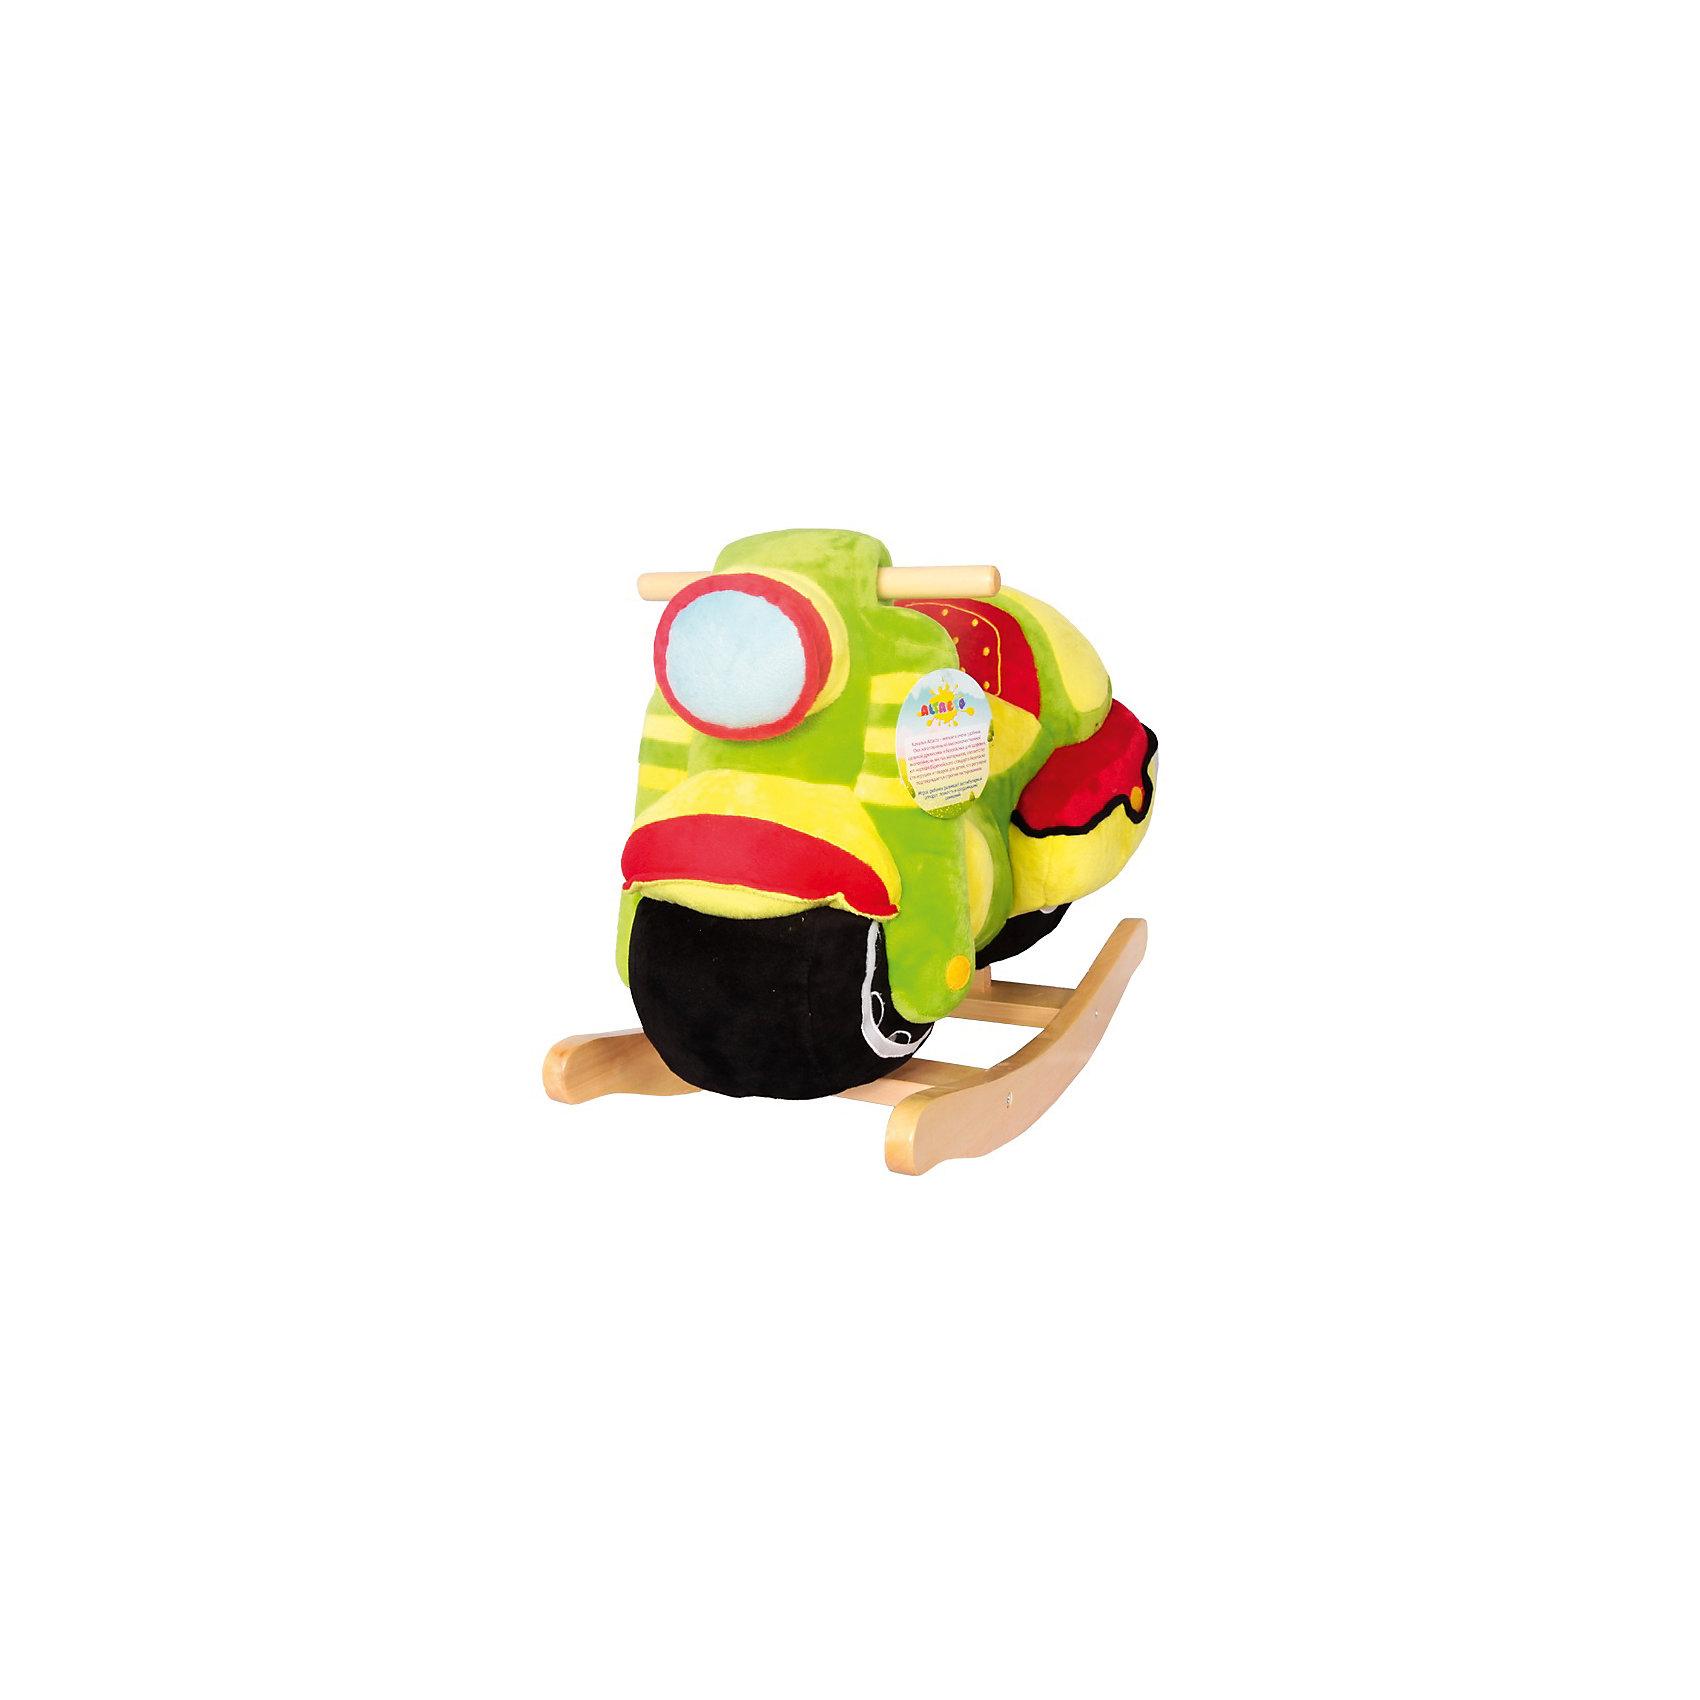 Качалка Мотоцикл, AltactoКачалки<br>Качалка Altacto «Мотоцикл» станет первым транспортным средством ребёнка. Играть с ним очень весело: игрушка яркая, мягкая и приятная на ощупь, на передней части мотоцикла расположены кнопка, которая включает и выключает музыку, и пищалка. <br><br>Благодаря спинке сиденье качалки очень комфортное. Игрушка станет хорошей альтернативой обычному стульчику. <br><br>Качаясь, ребёнок развивает вестибулярный аппарат, ловкость и координацию движений.<br><br>Работает от батареек (идут в комплекте).<br><br>Ширина мм: 640<br>Глубина мм: 295<br>Высота мм: 450<br>Вес г: 4100<br>Возраст от месяцев: 12<br>Возраст до месяцев: 36<br>Пол: Унисекс<br>Возраст: Детский<br>SKU: 4779833